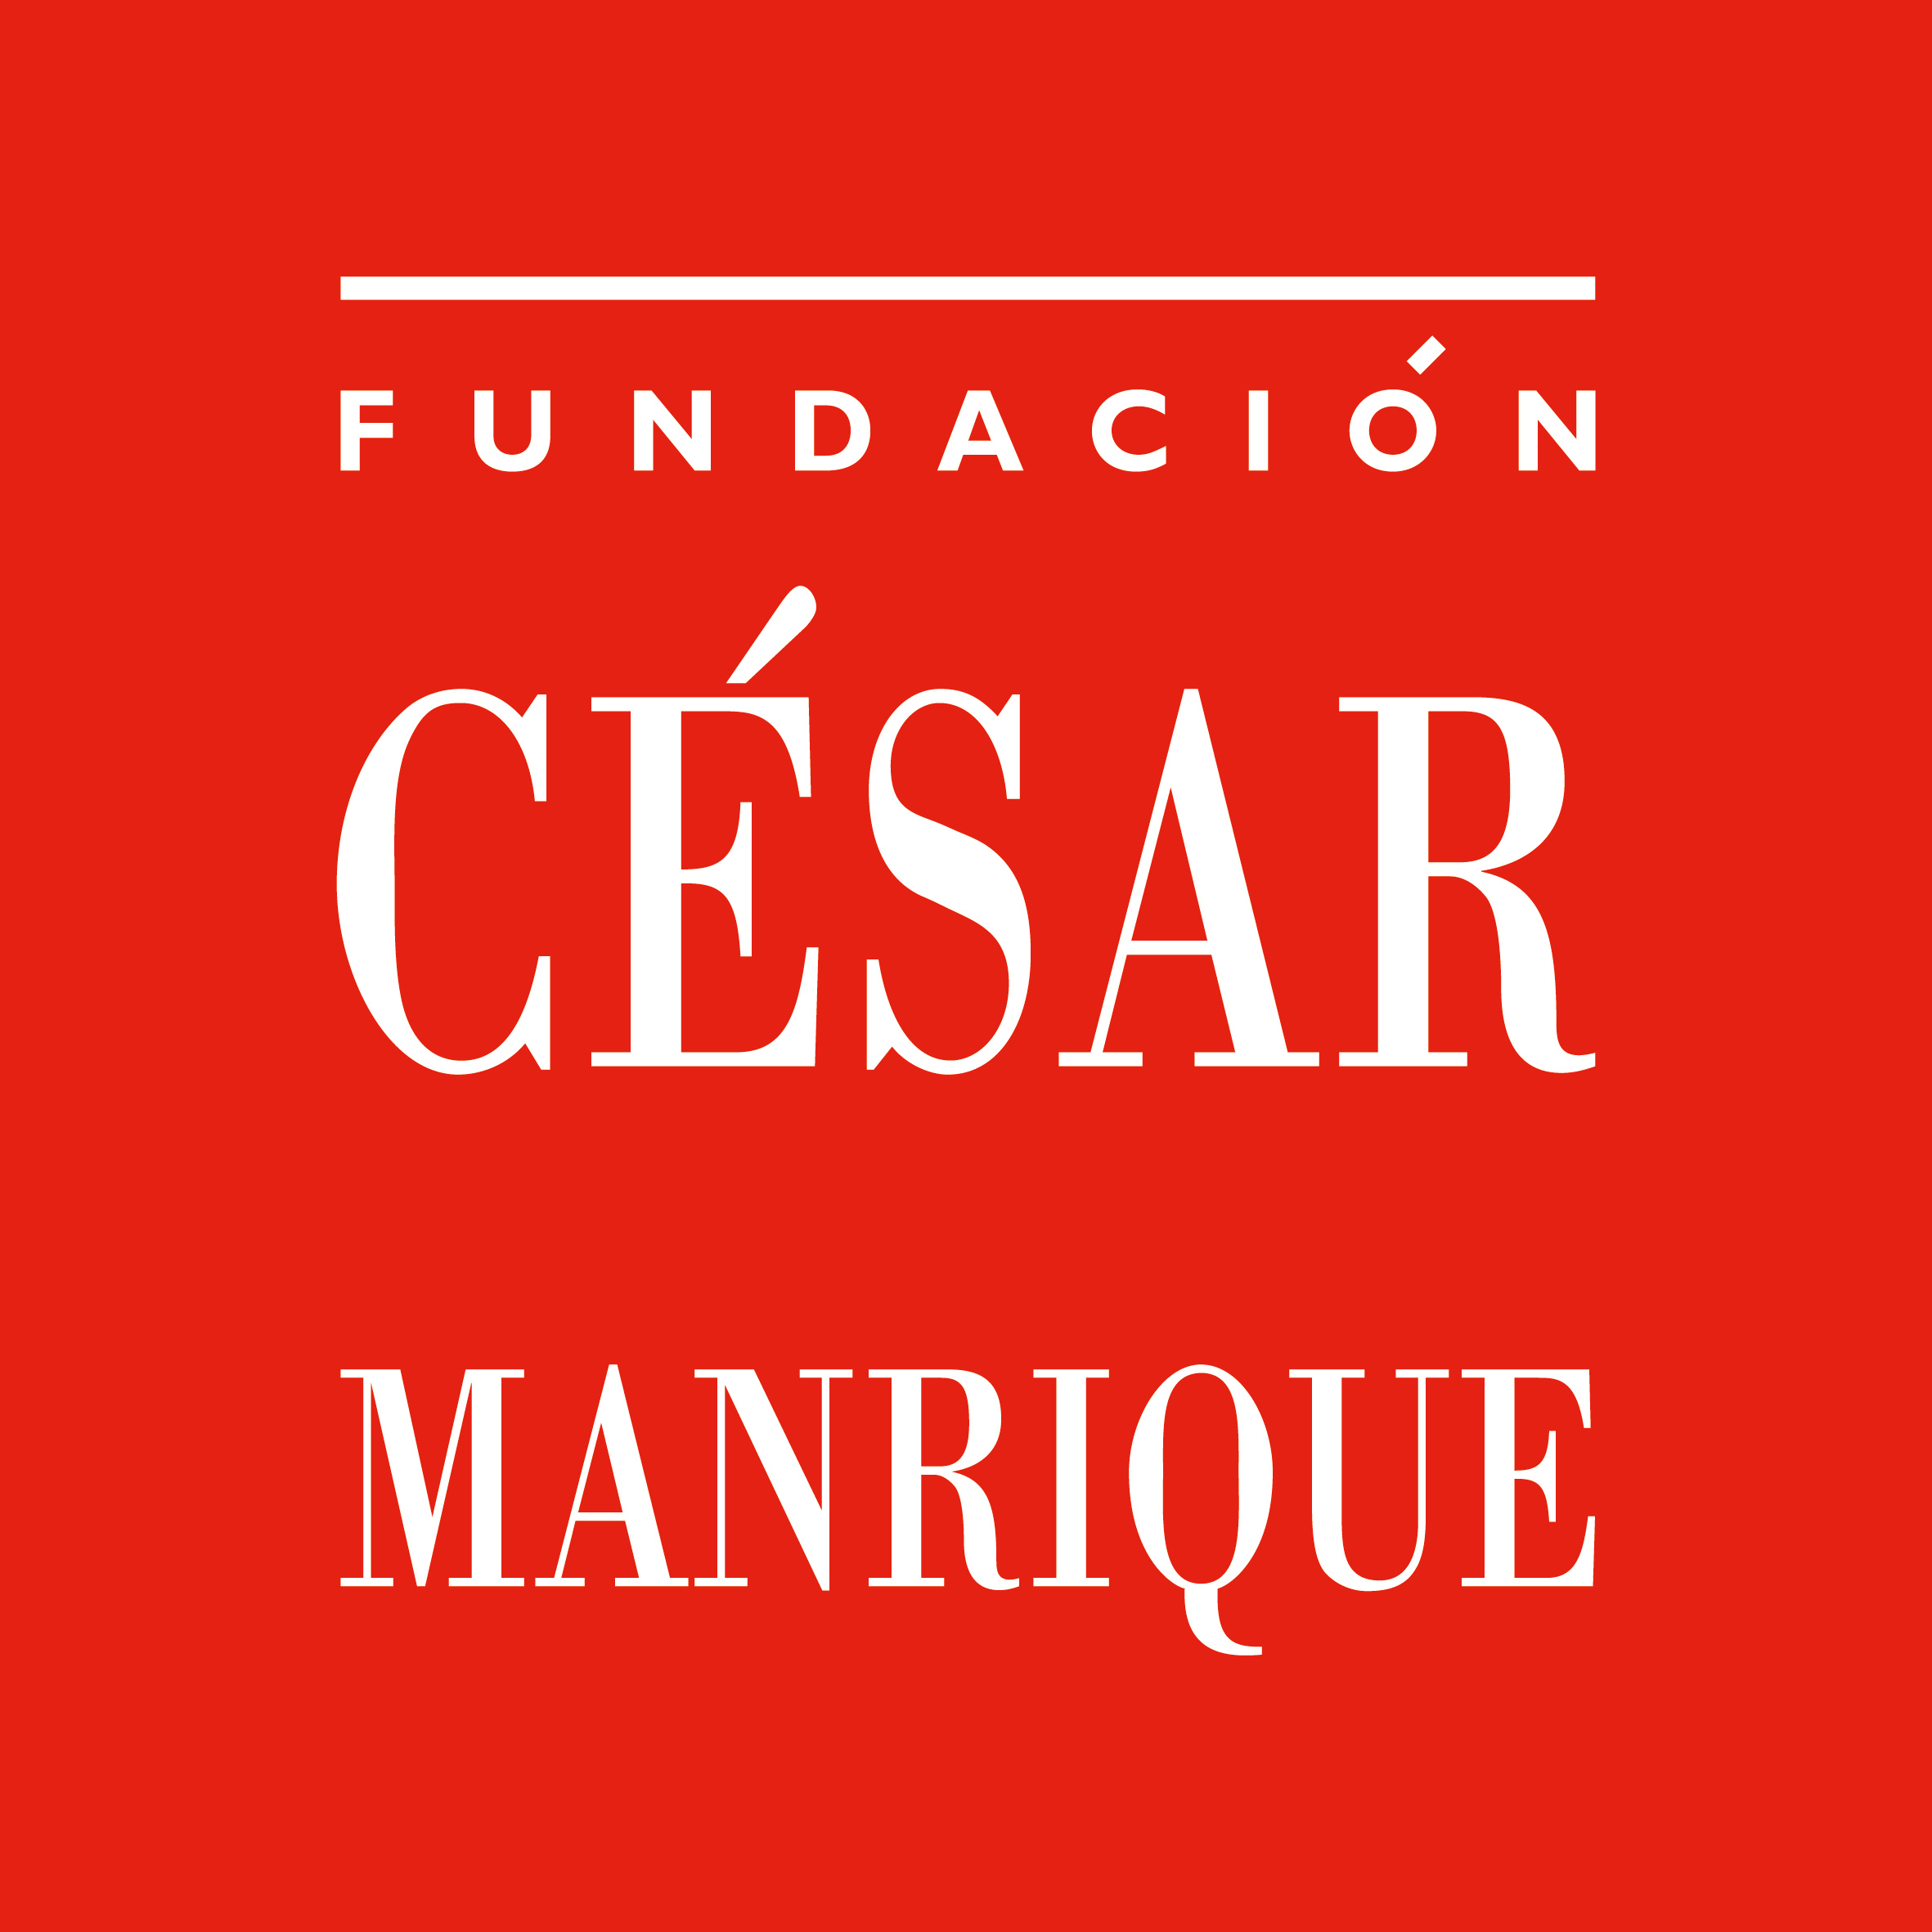 El escritor Alexis Ravelo impartirá un taller de escritura en la sala José Saramago de la Fundación César Manrique en el marco del centenario del nacimiento de su fundador